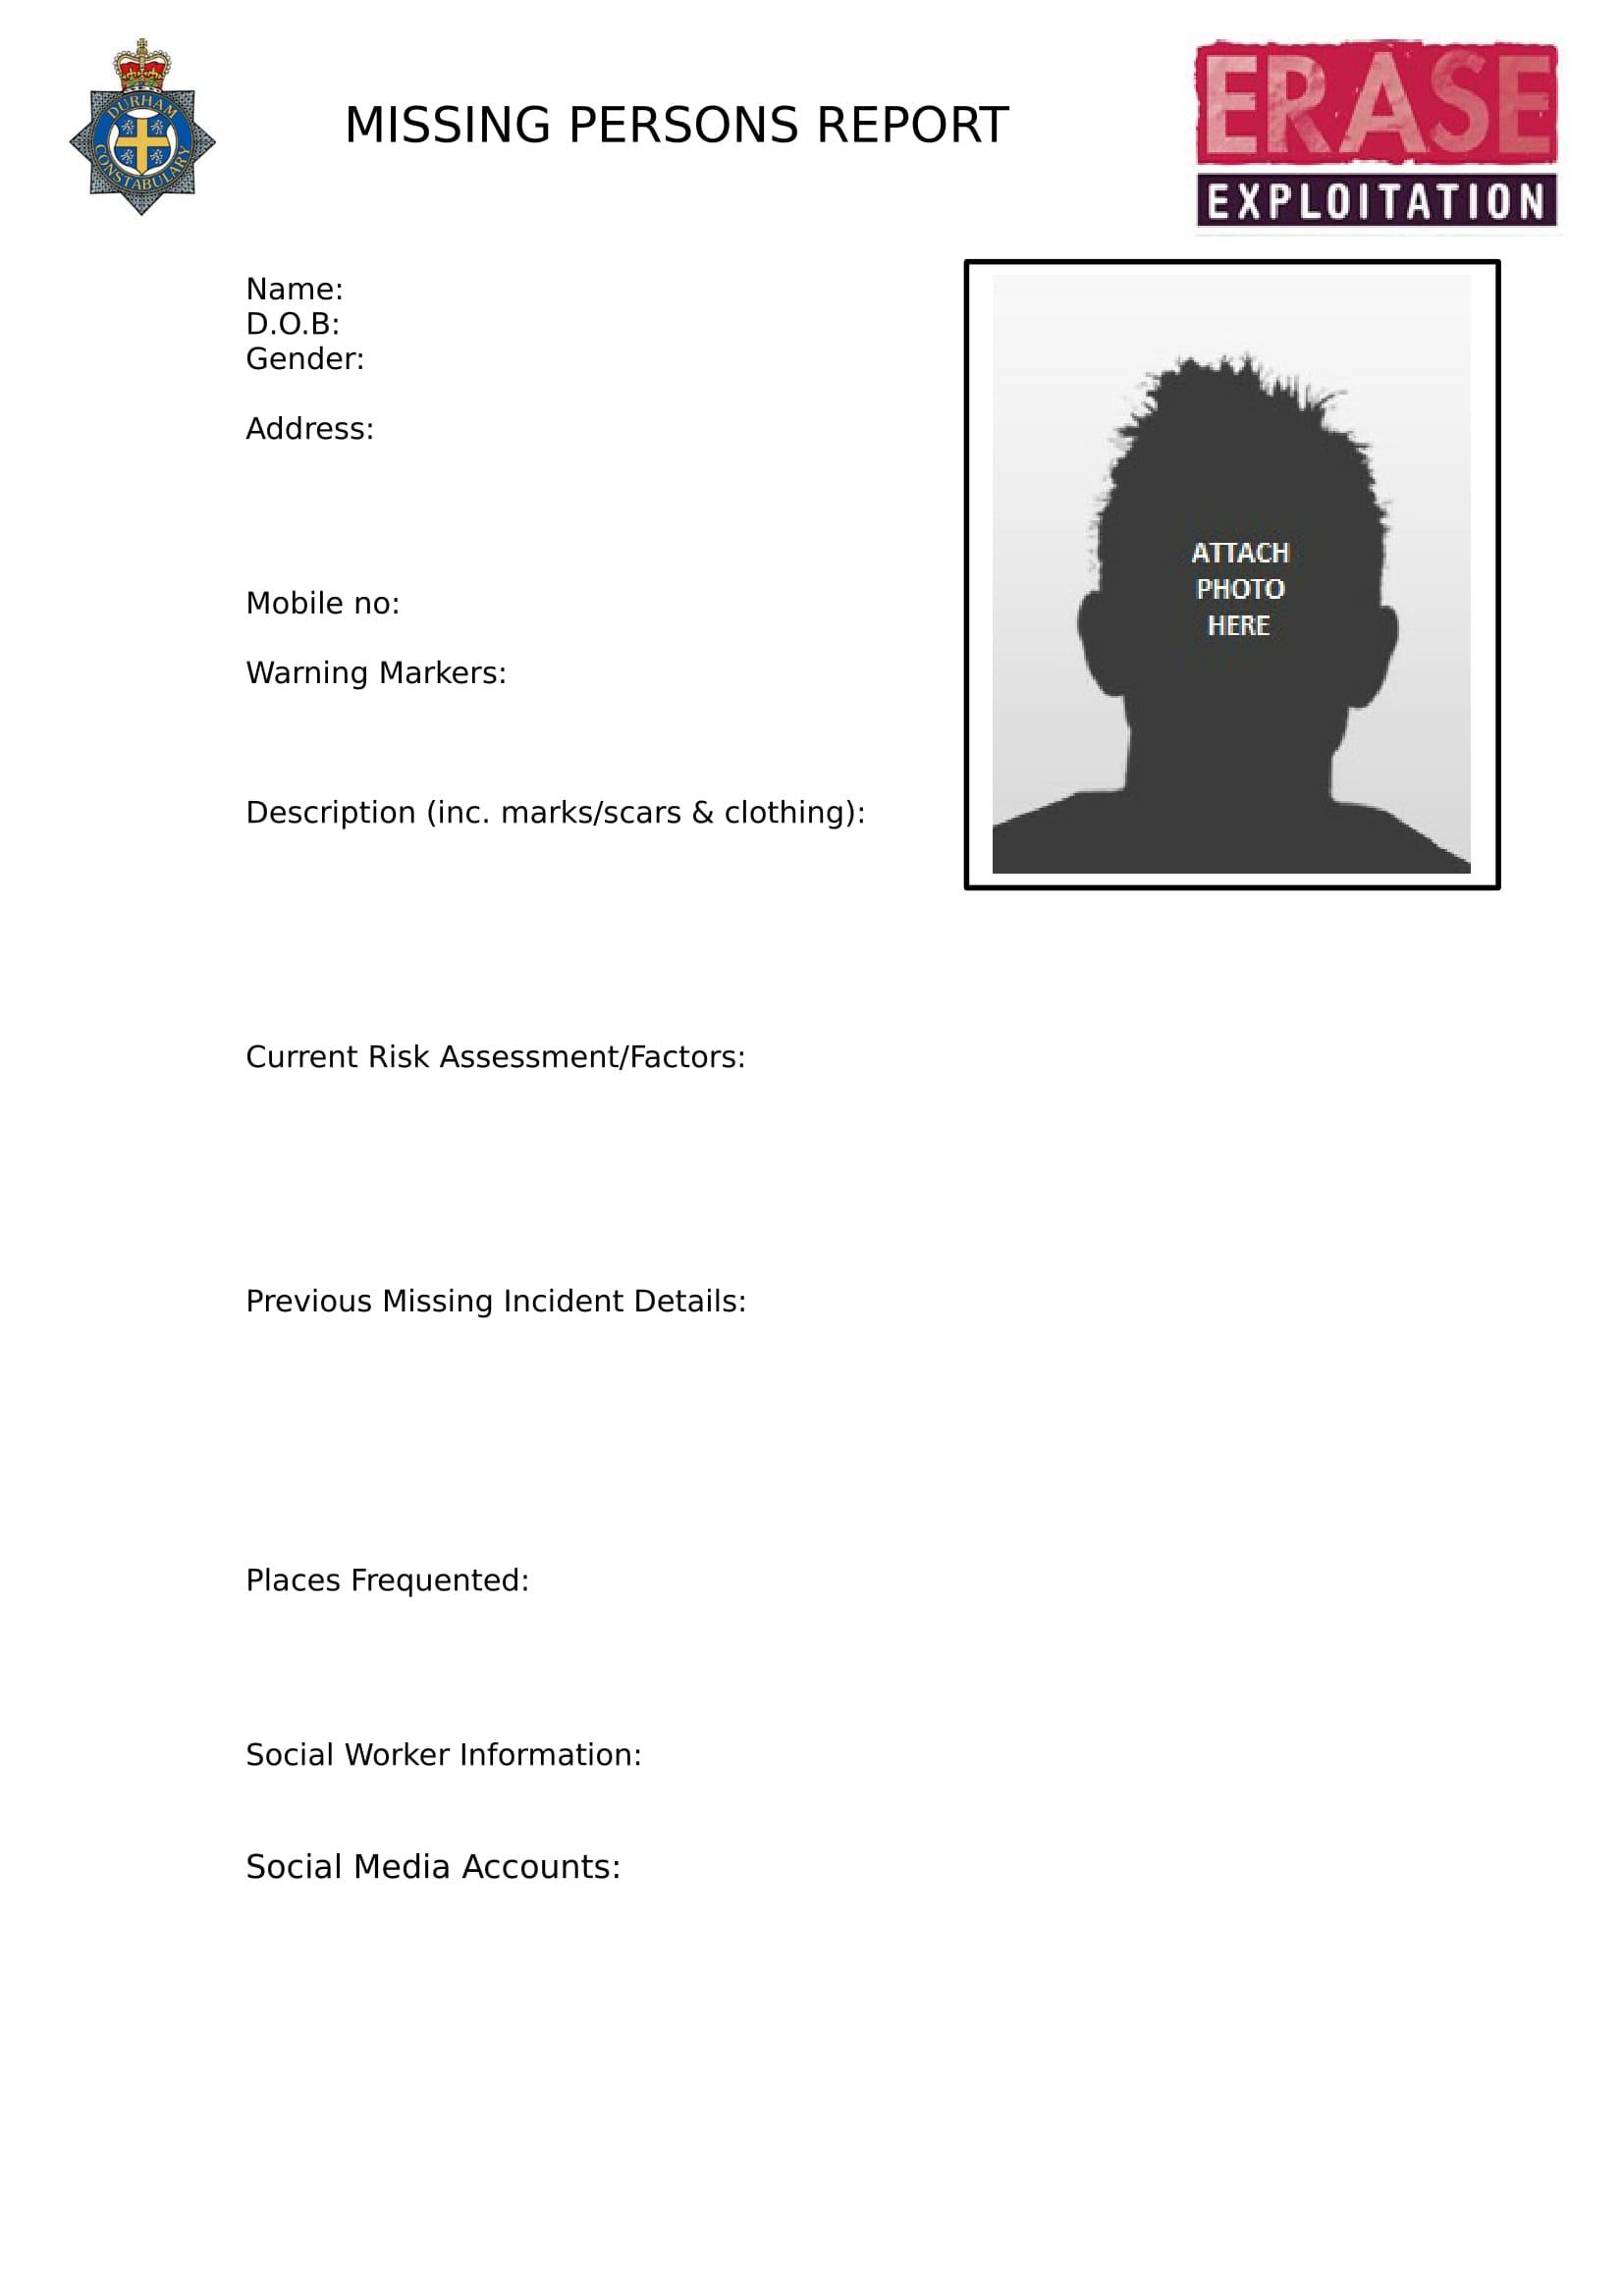 descriptive missing report form 2